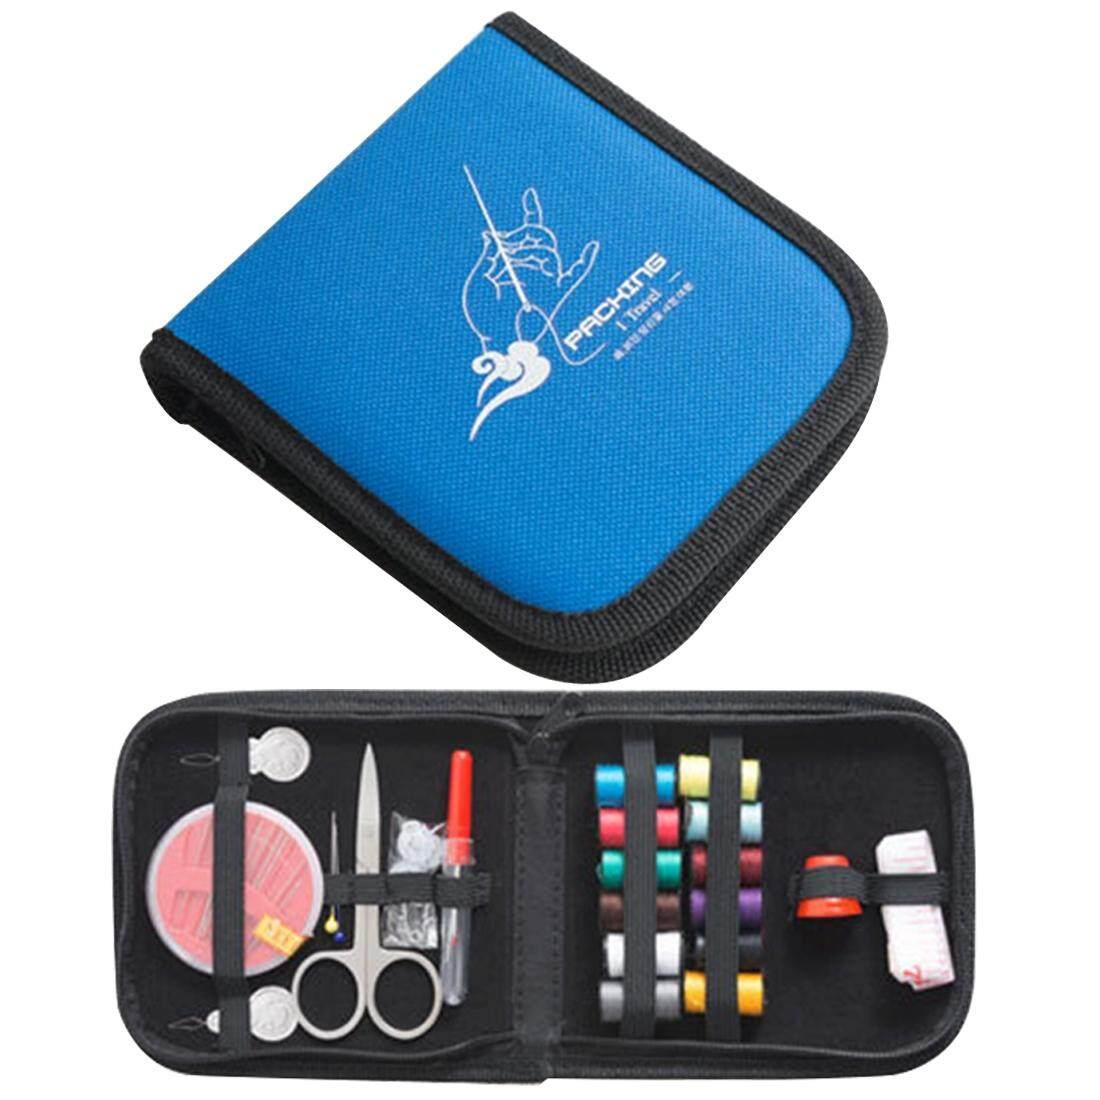 Portabel Mini Rumah Perjalanan Jahit Set Kotak, Ukuran: 12*12.5 Cm (Biru